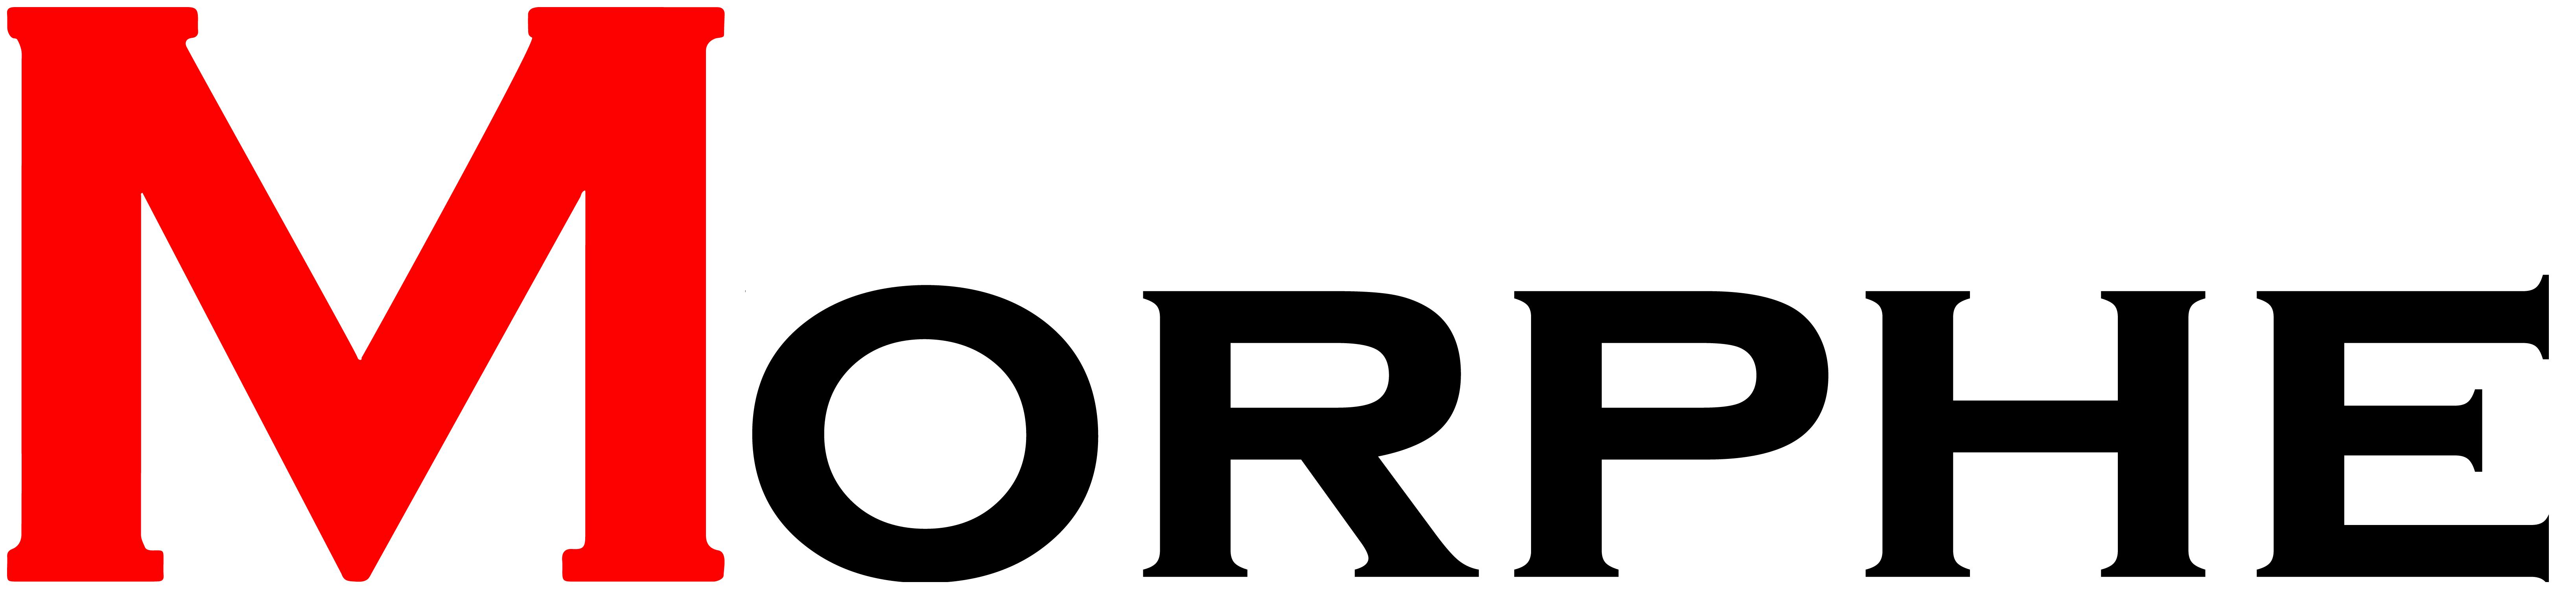 Morphe_logo_white_bg.png